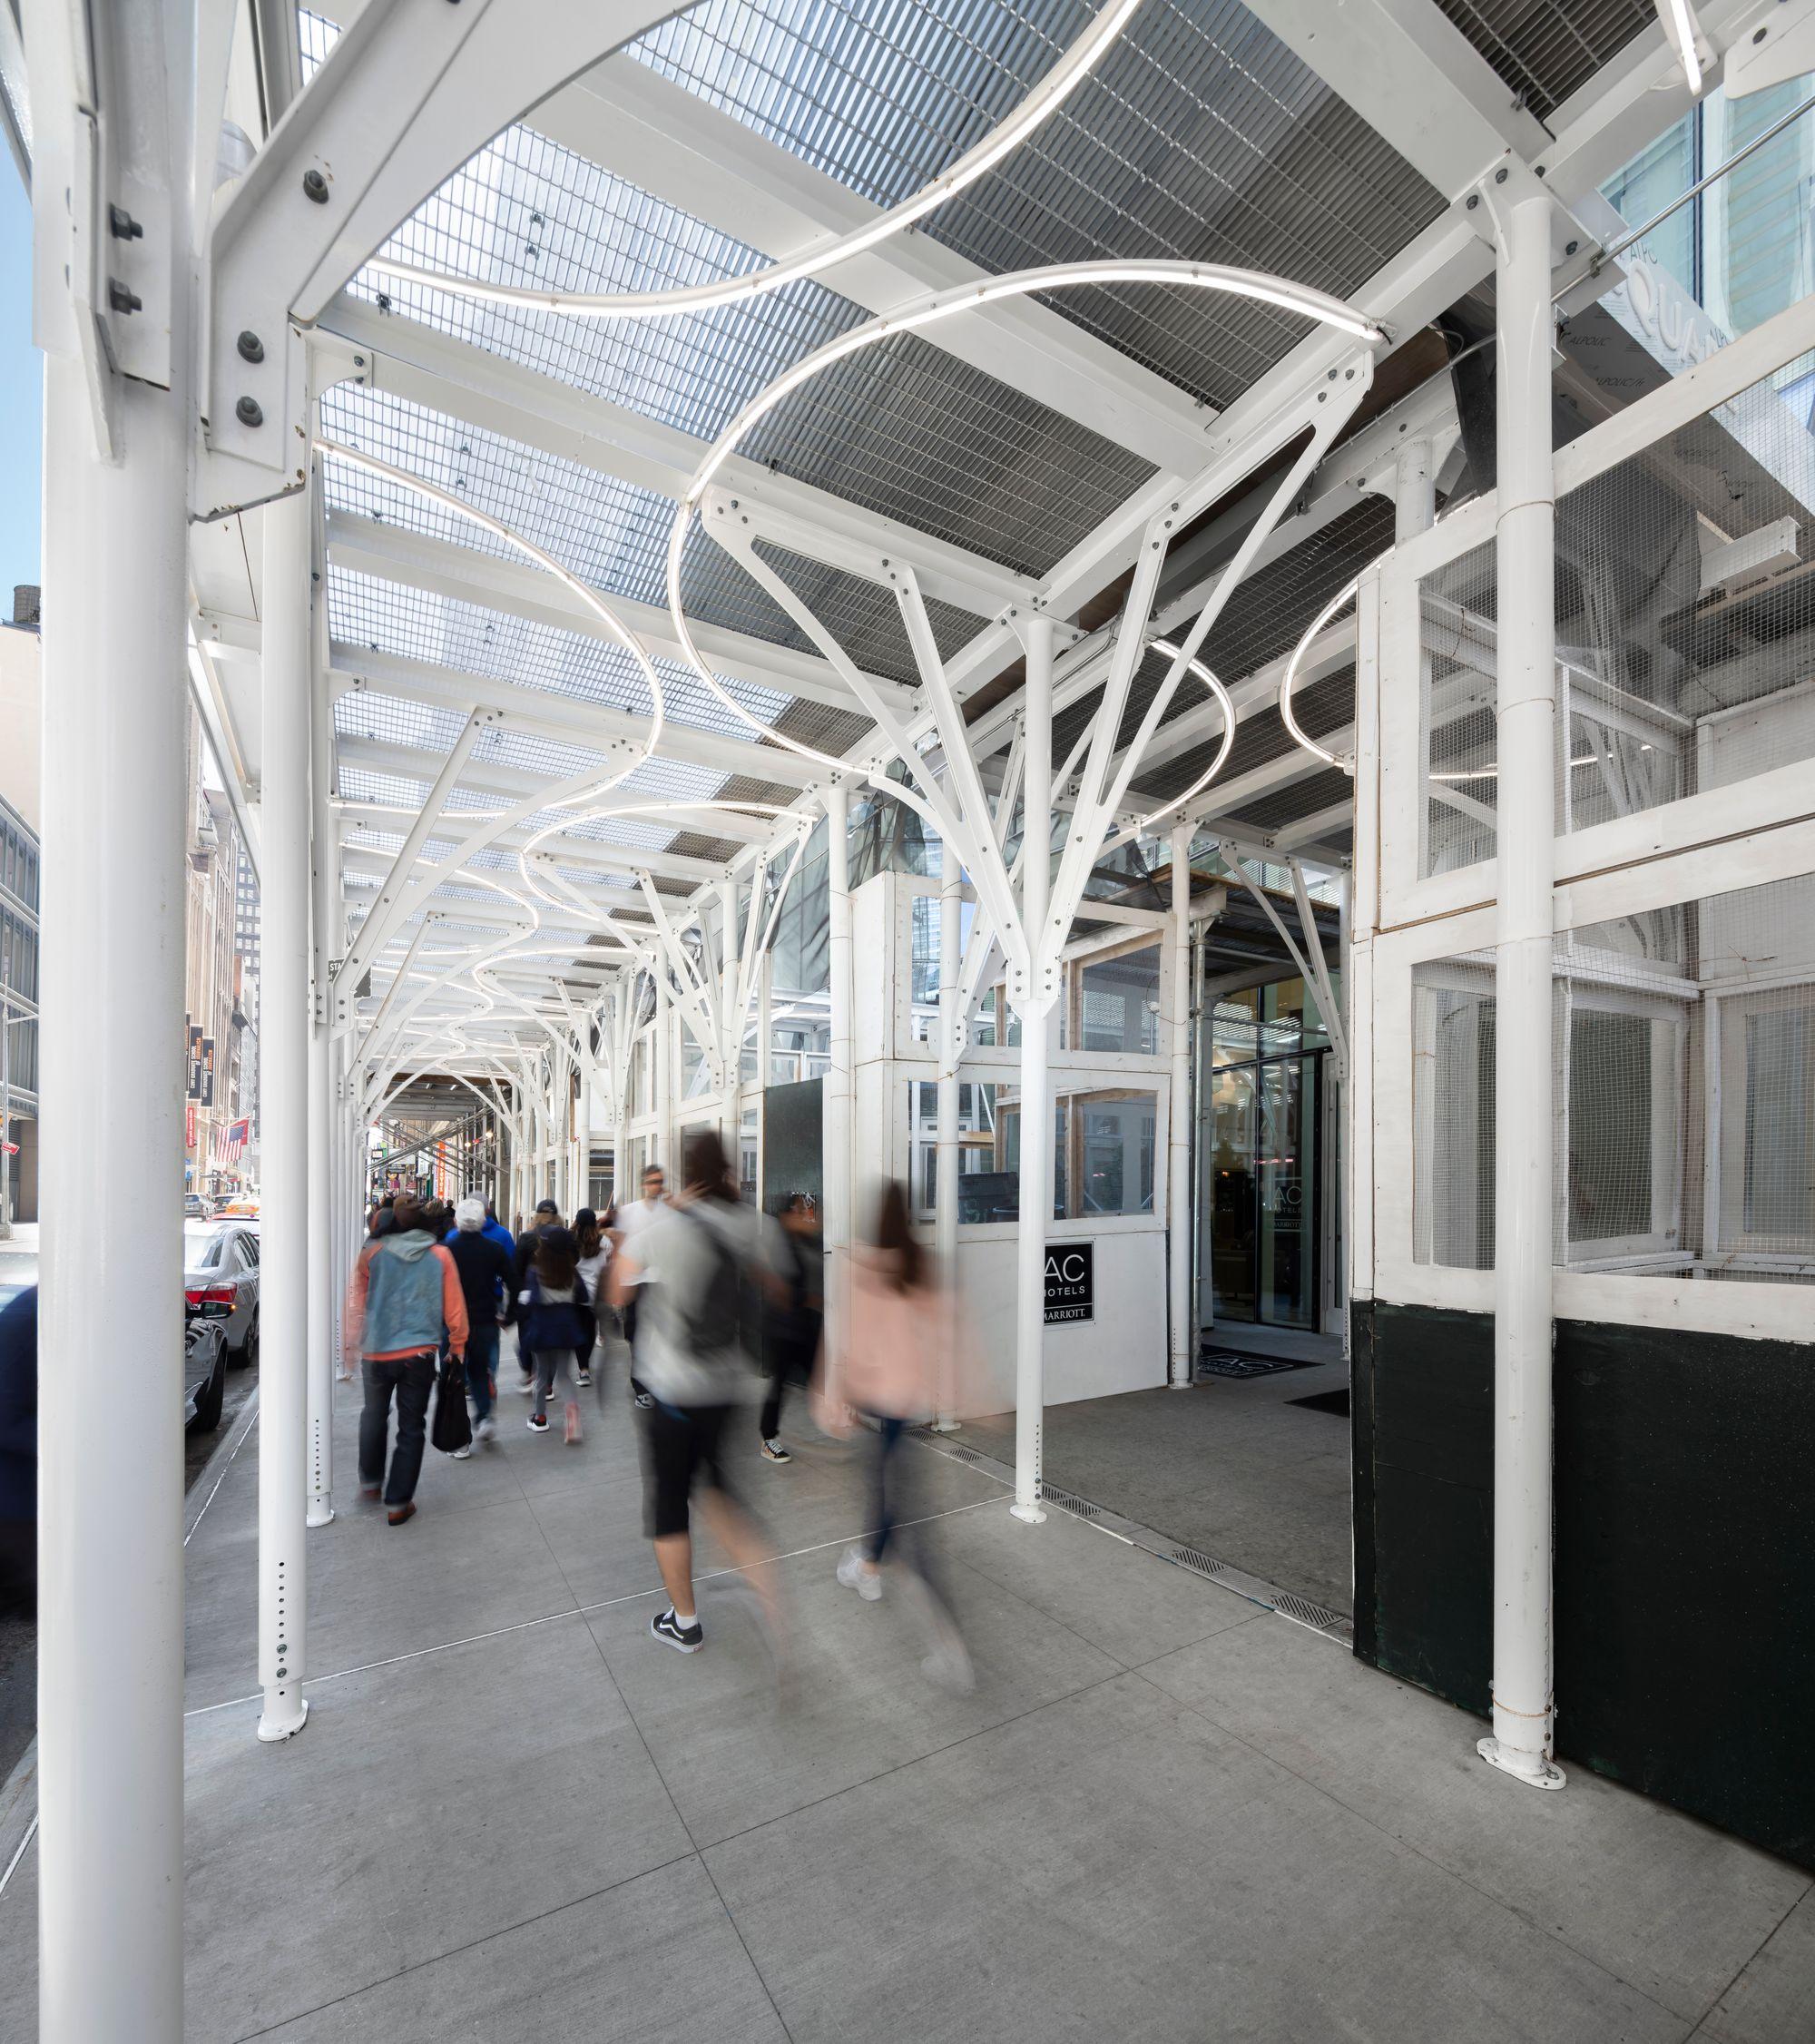 Urban Umbrella scaffolding lines a sidewalk in New York City